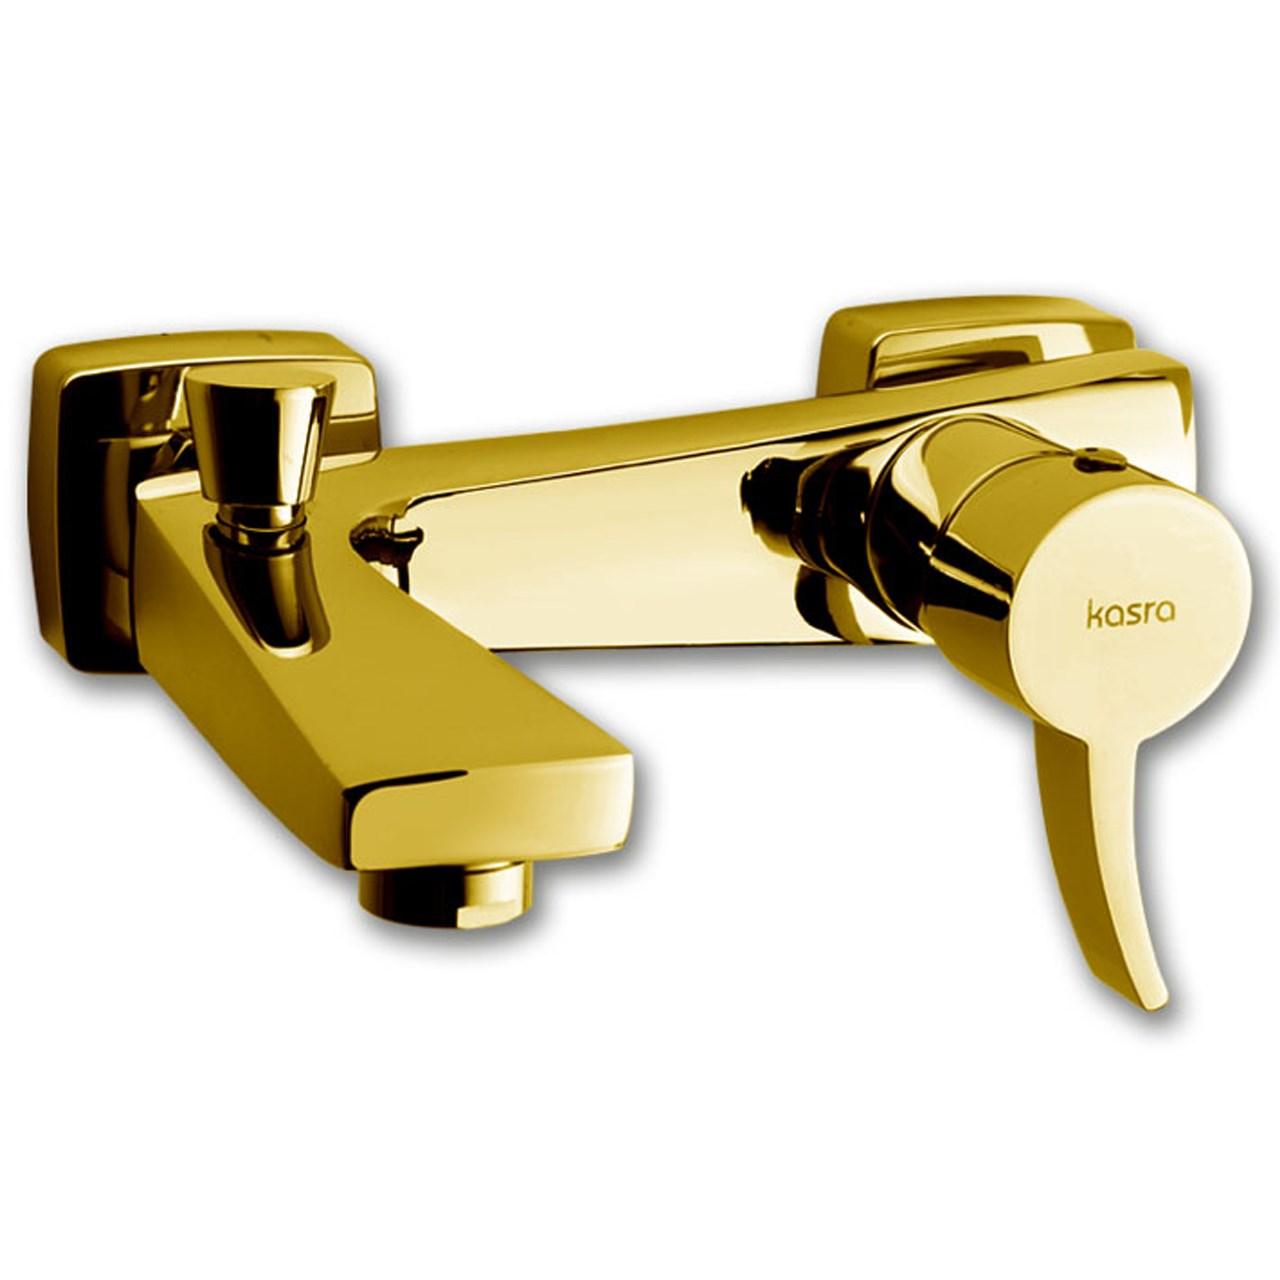 قیمت                                      شیر حمام کسری مدل فیروزه طلایی